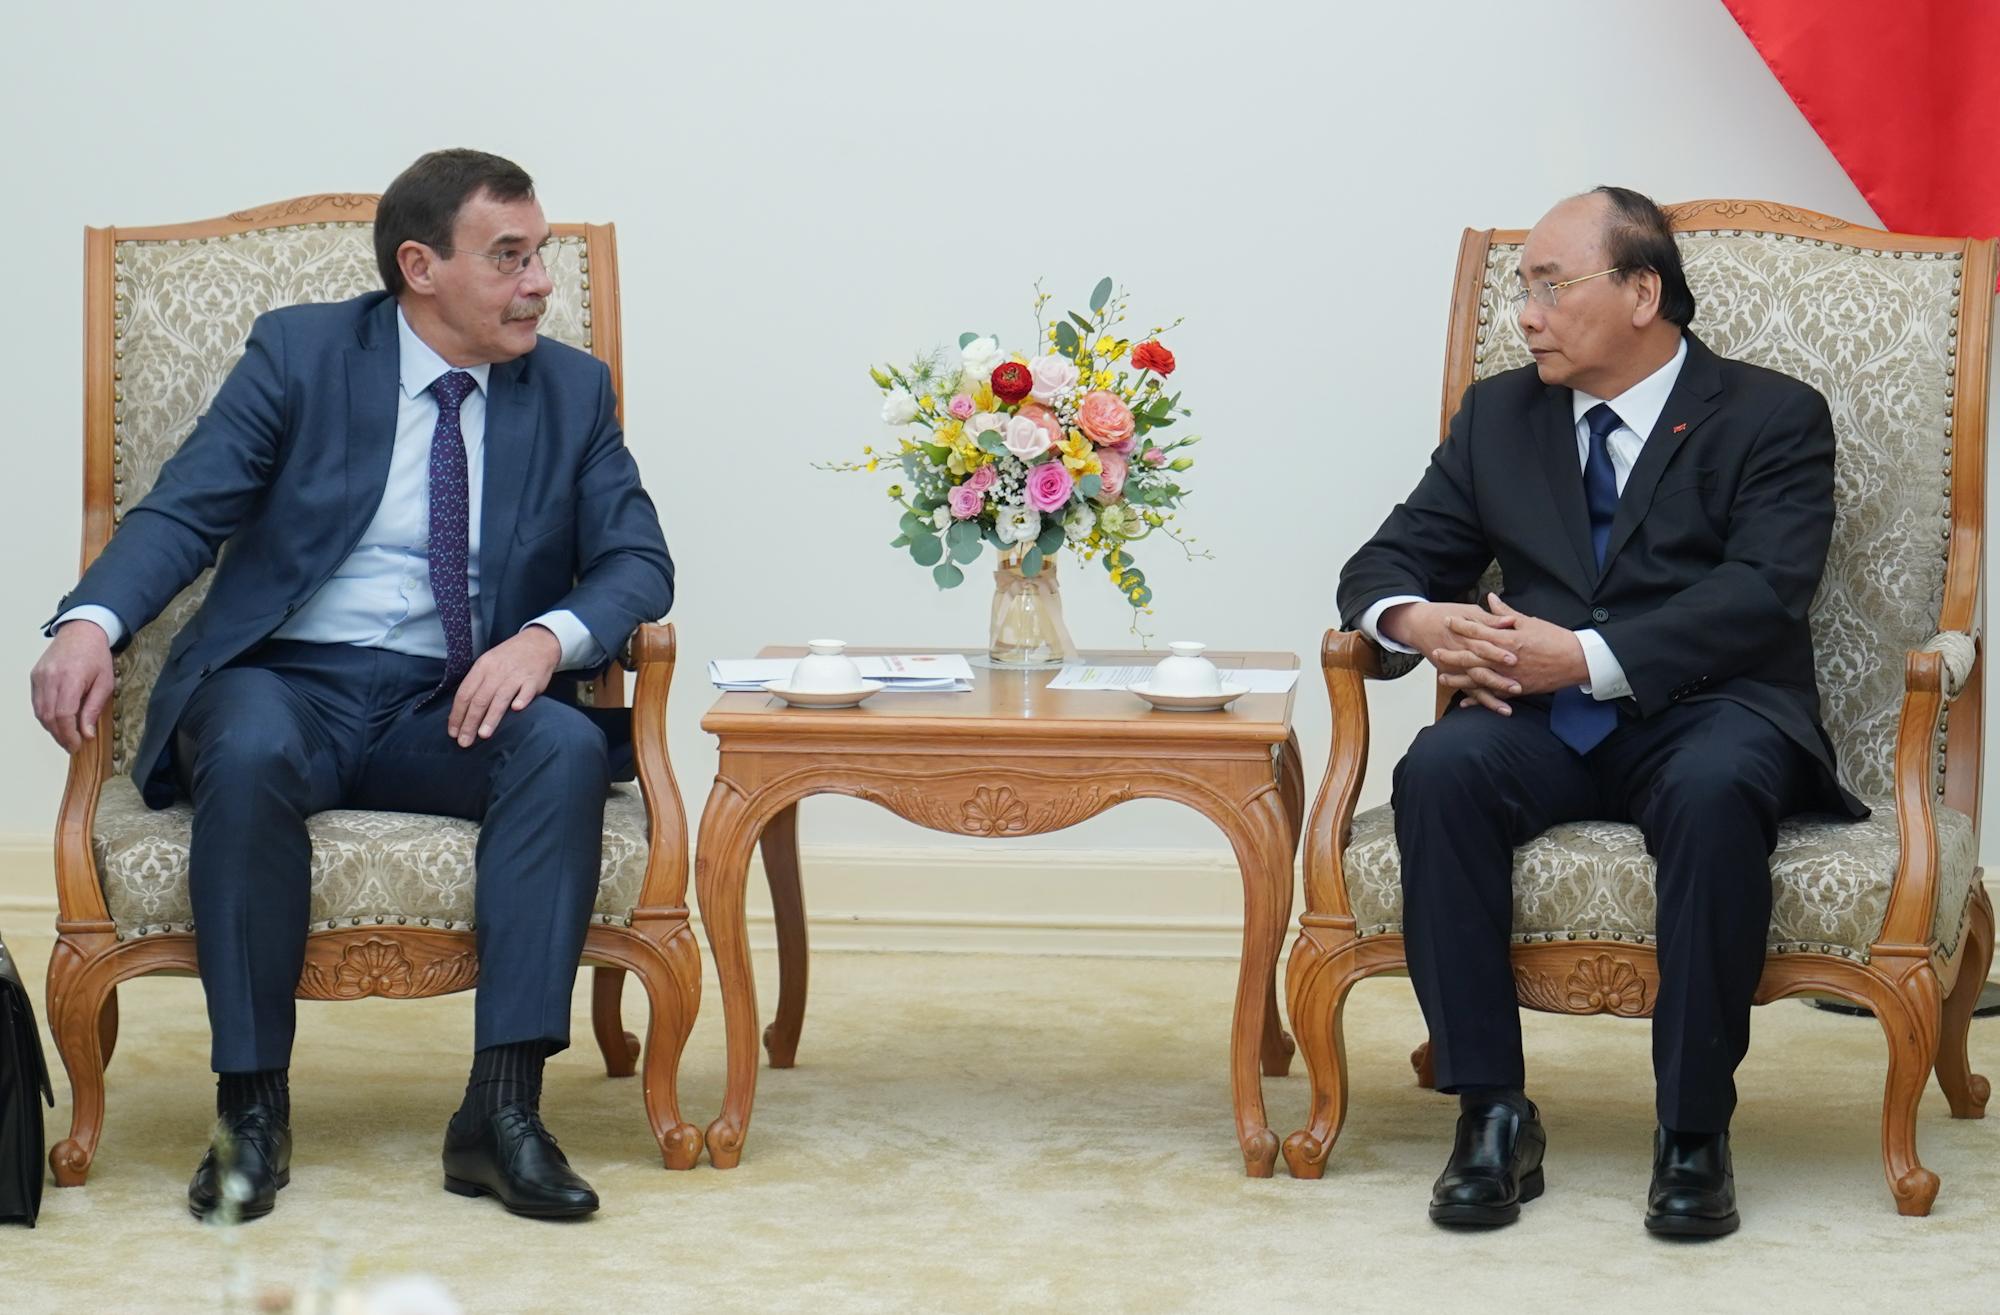 Tăng cường hợp tác phòng chống tham nhũng giữa Việt Nam và LB Nga